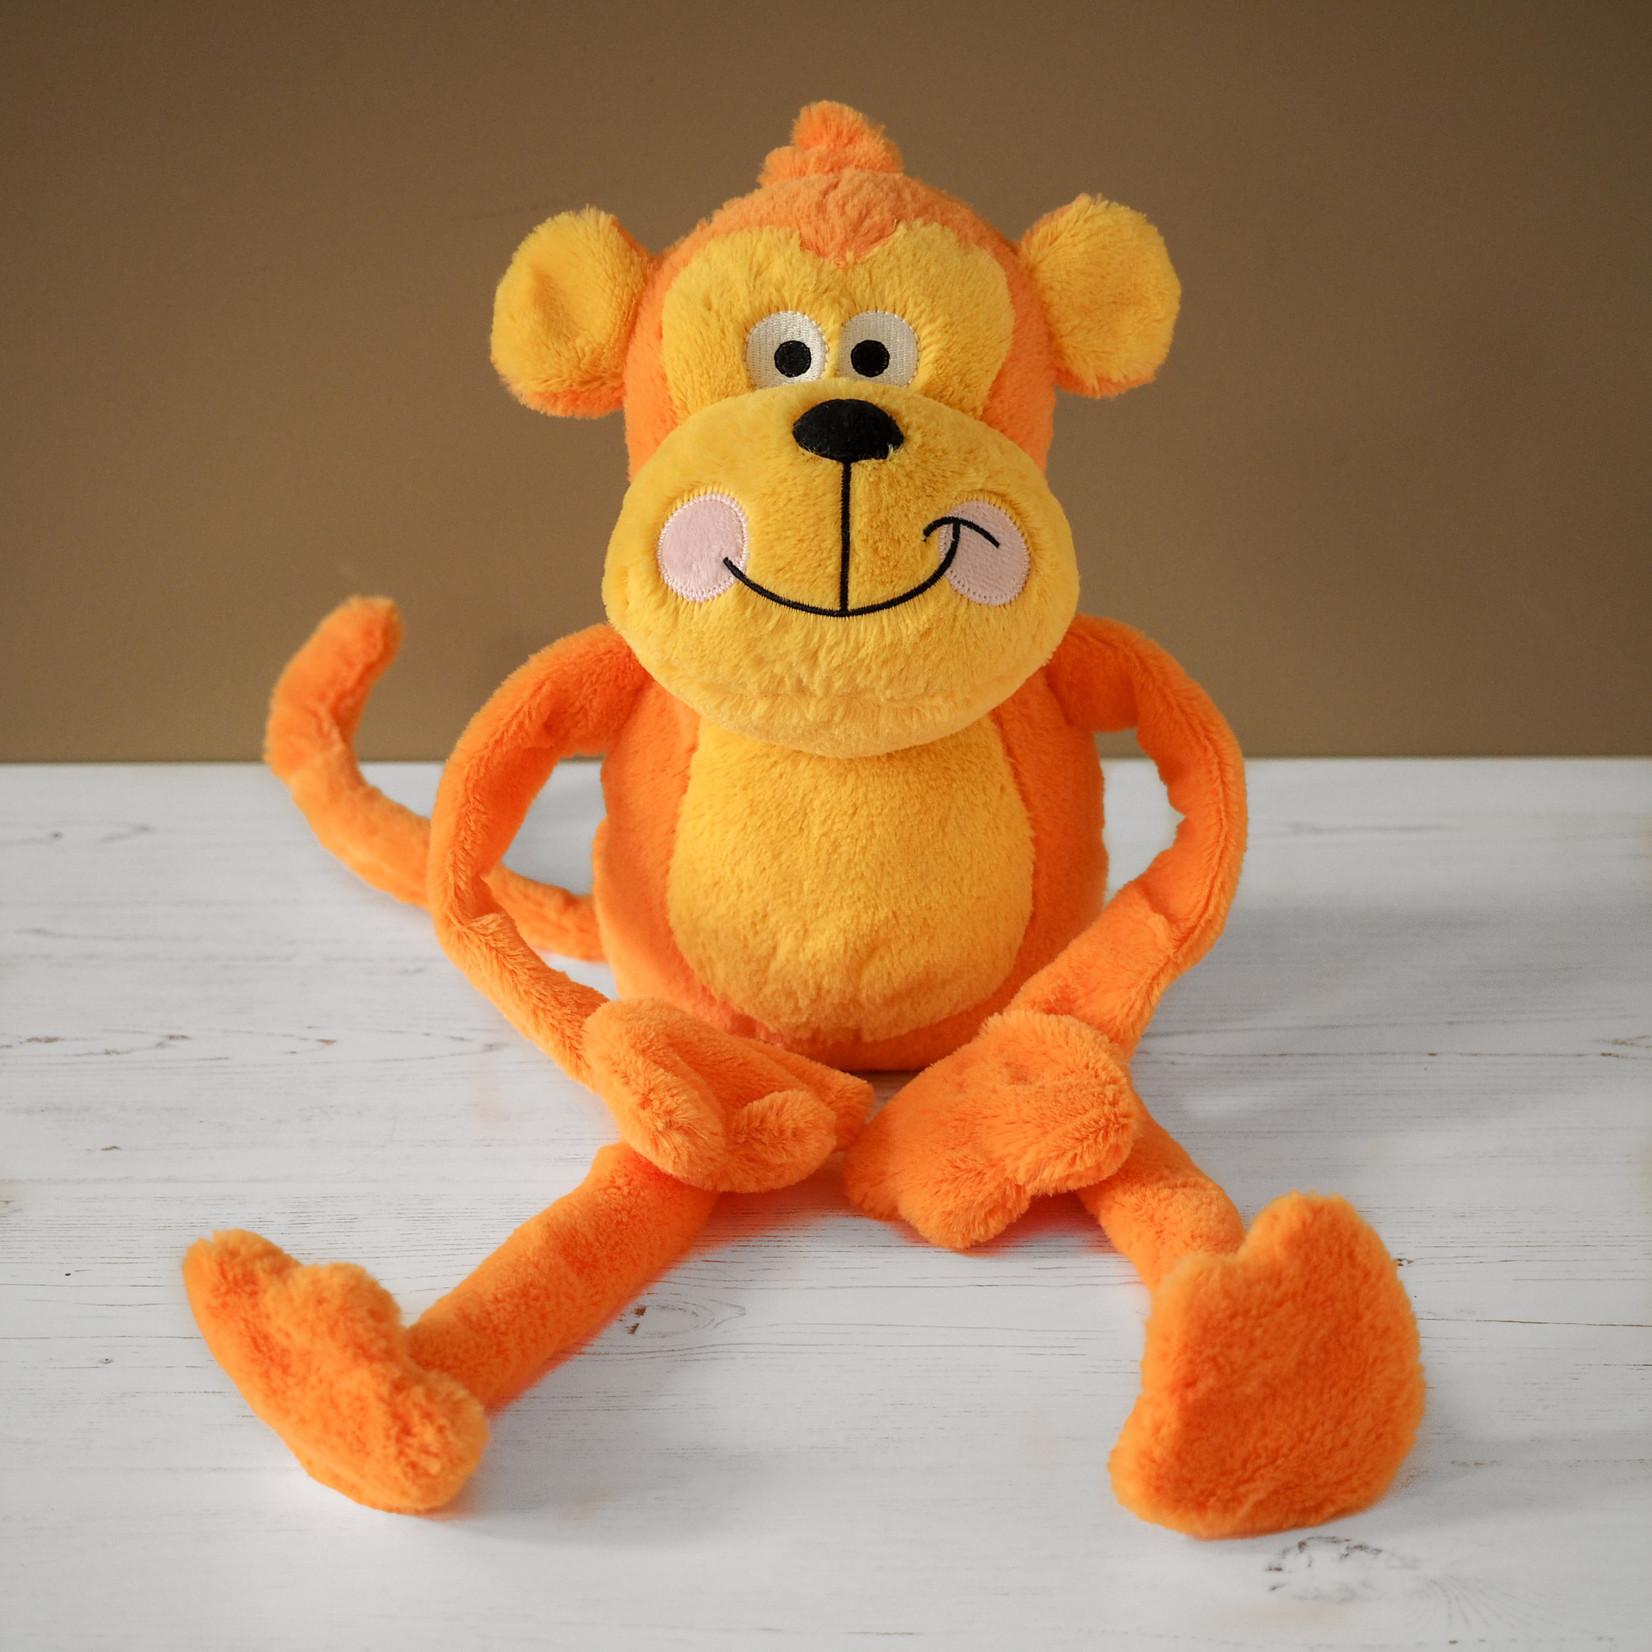 Zoon Cheekie Monkey Squeaky Plush Dog Toy